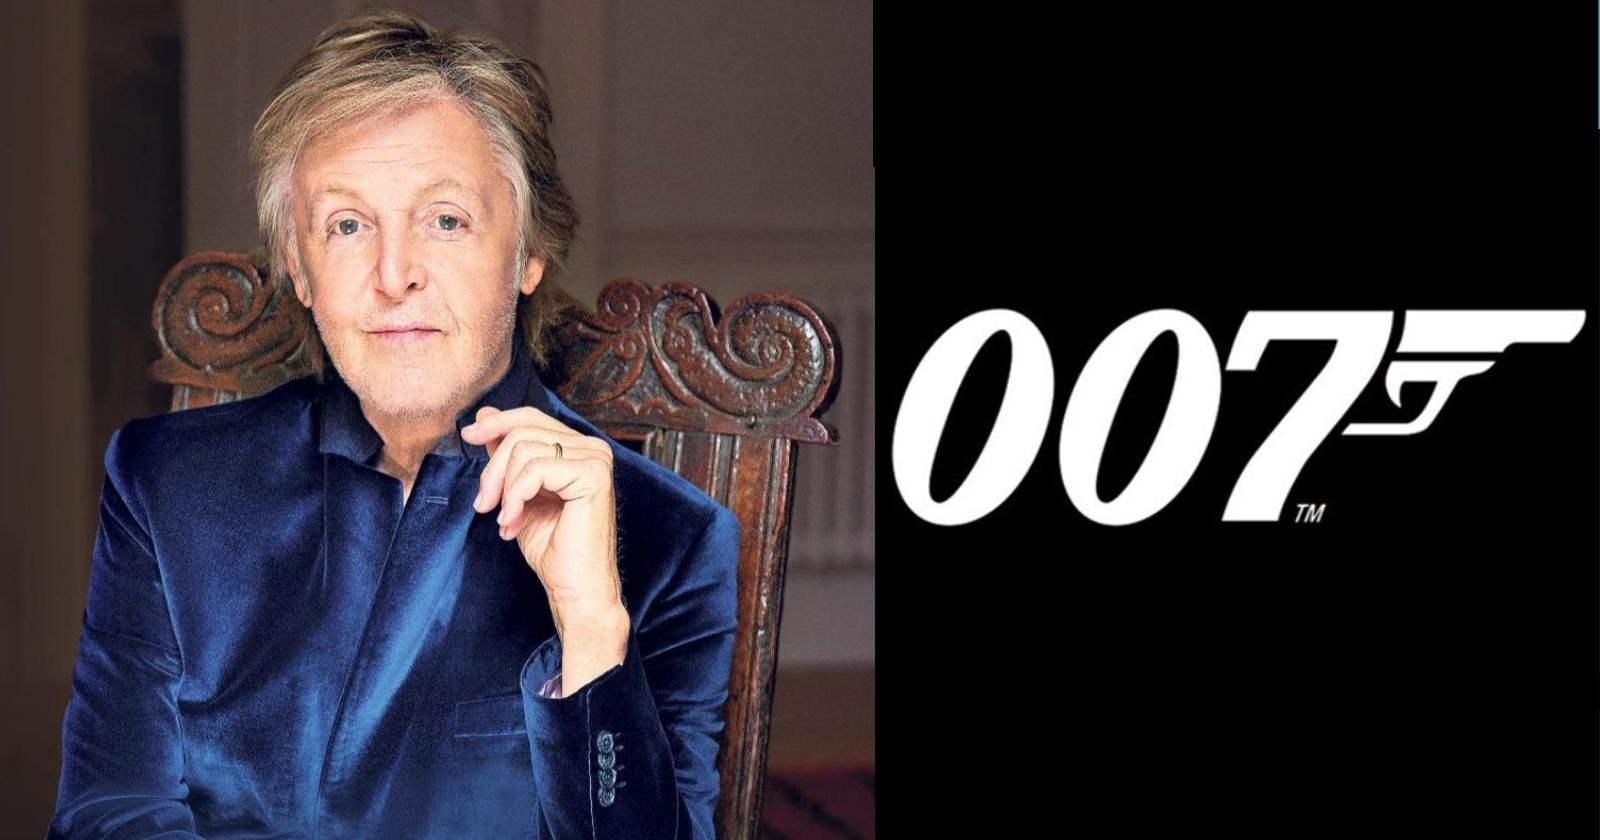 Paul McCartney 007